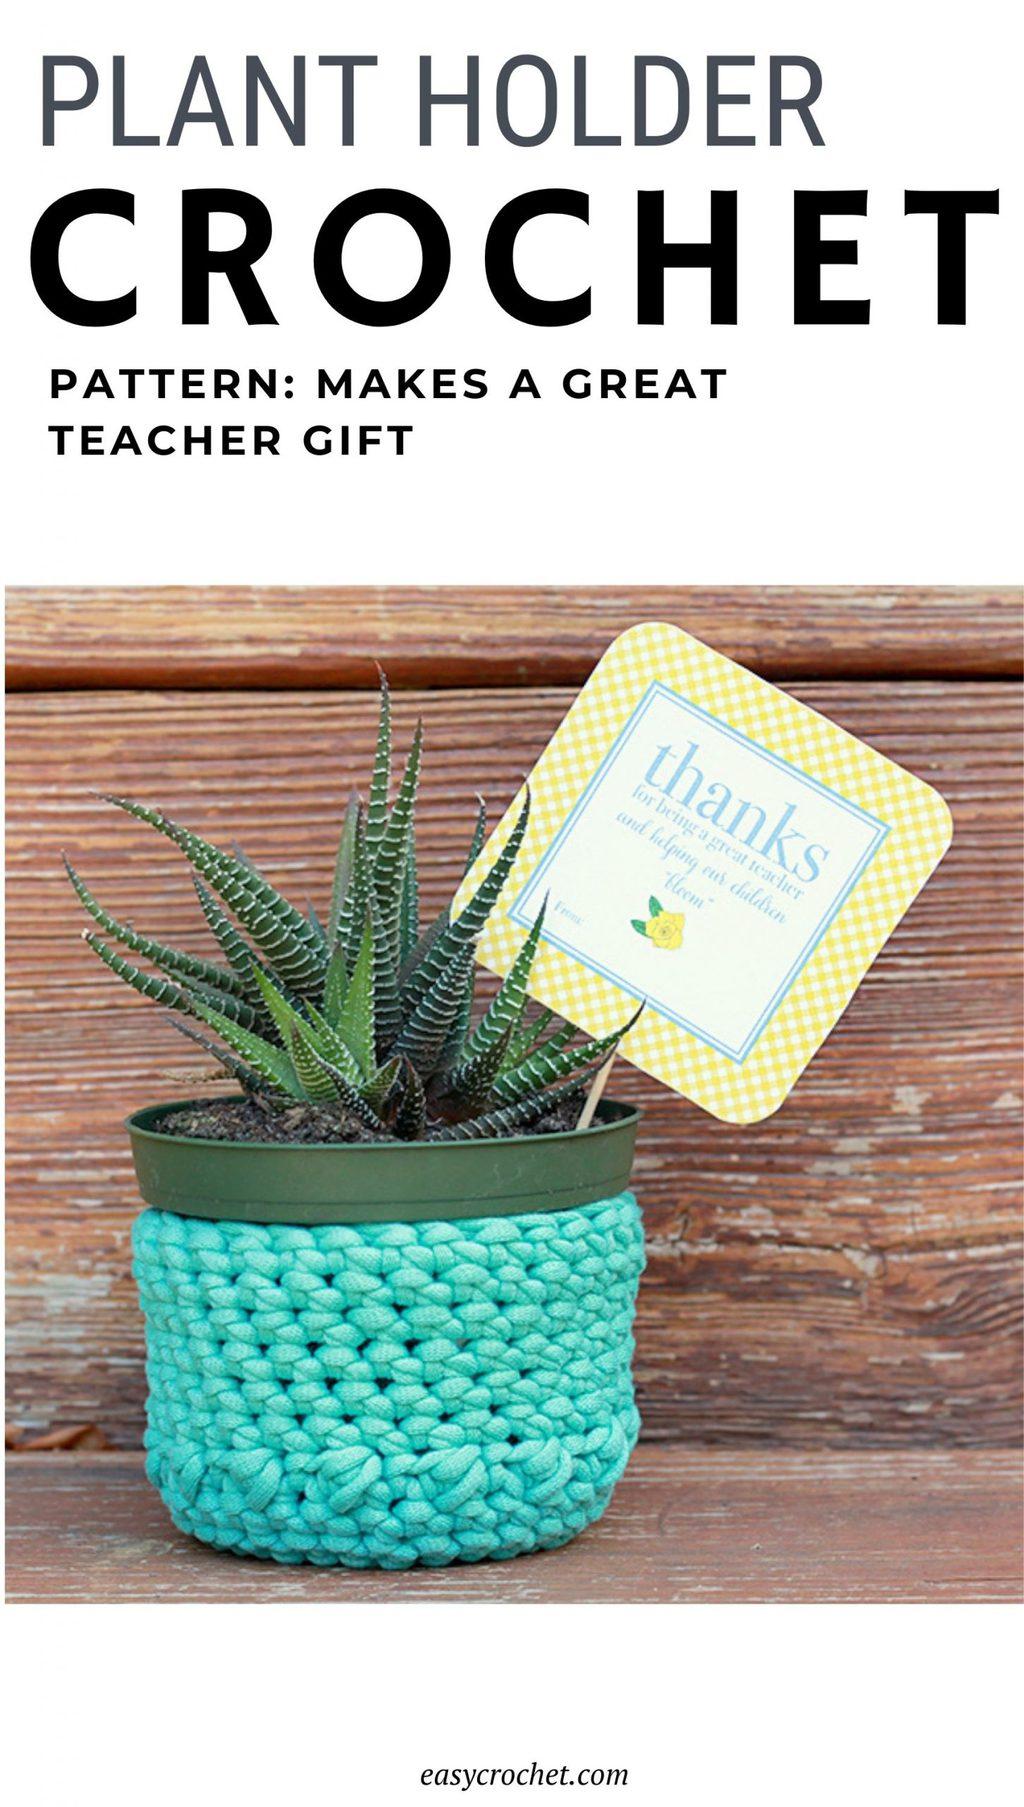 Crochet Plant Holder Pattern via @easycrochetcom